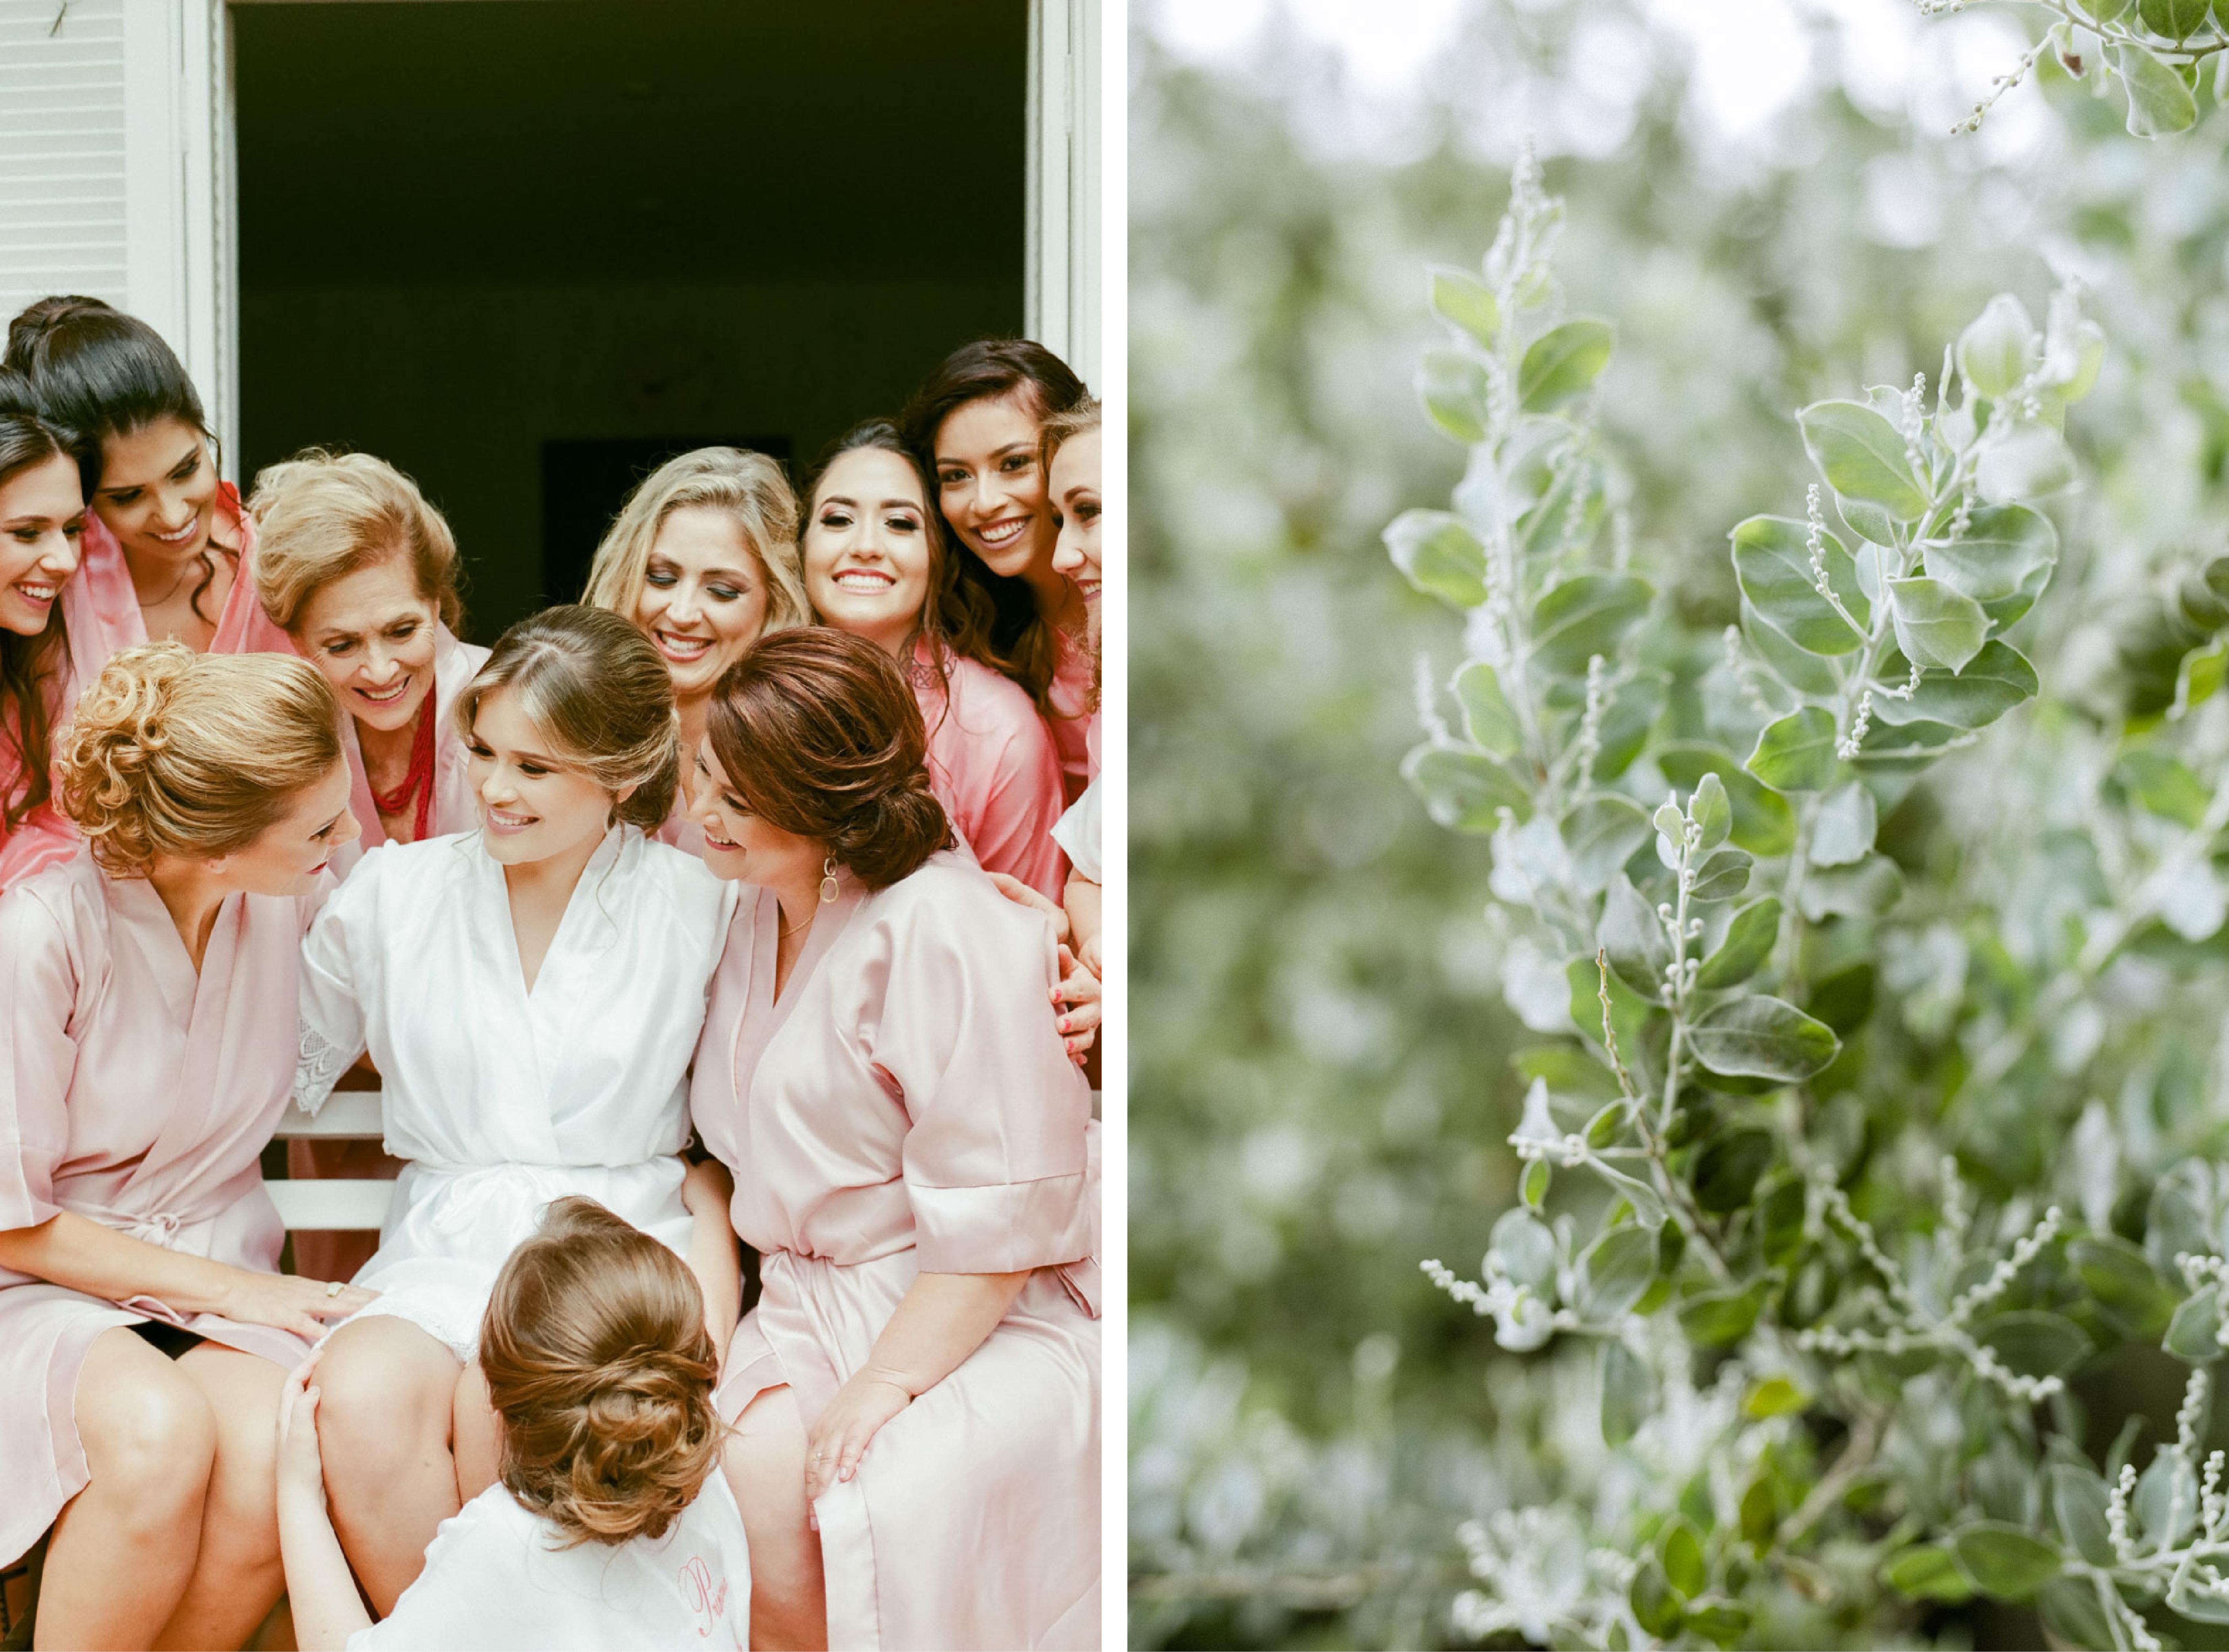 Casamento Romântico e Emocionante na Fazenda, Fazenda 7 Lagoas, Casamento ao ar livre, casamento de dia, casamento, noiva, noivo, fazenda 7 lagoas, casar de dia, tradicional, romântico, cor de rosa, buque, madrinhas, daminhas, terno, vestido, flores